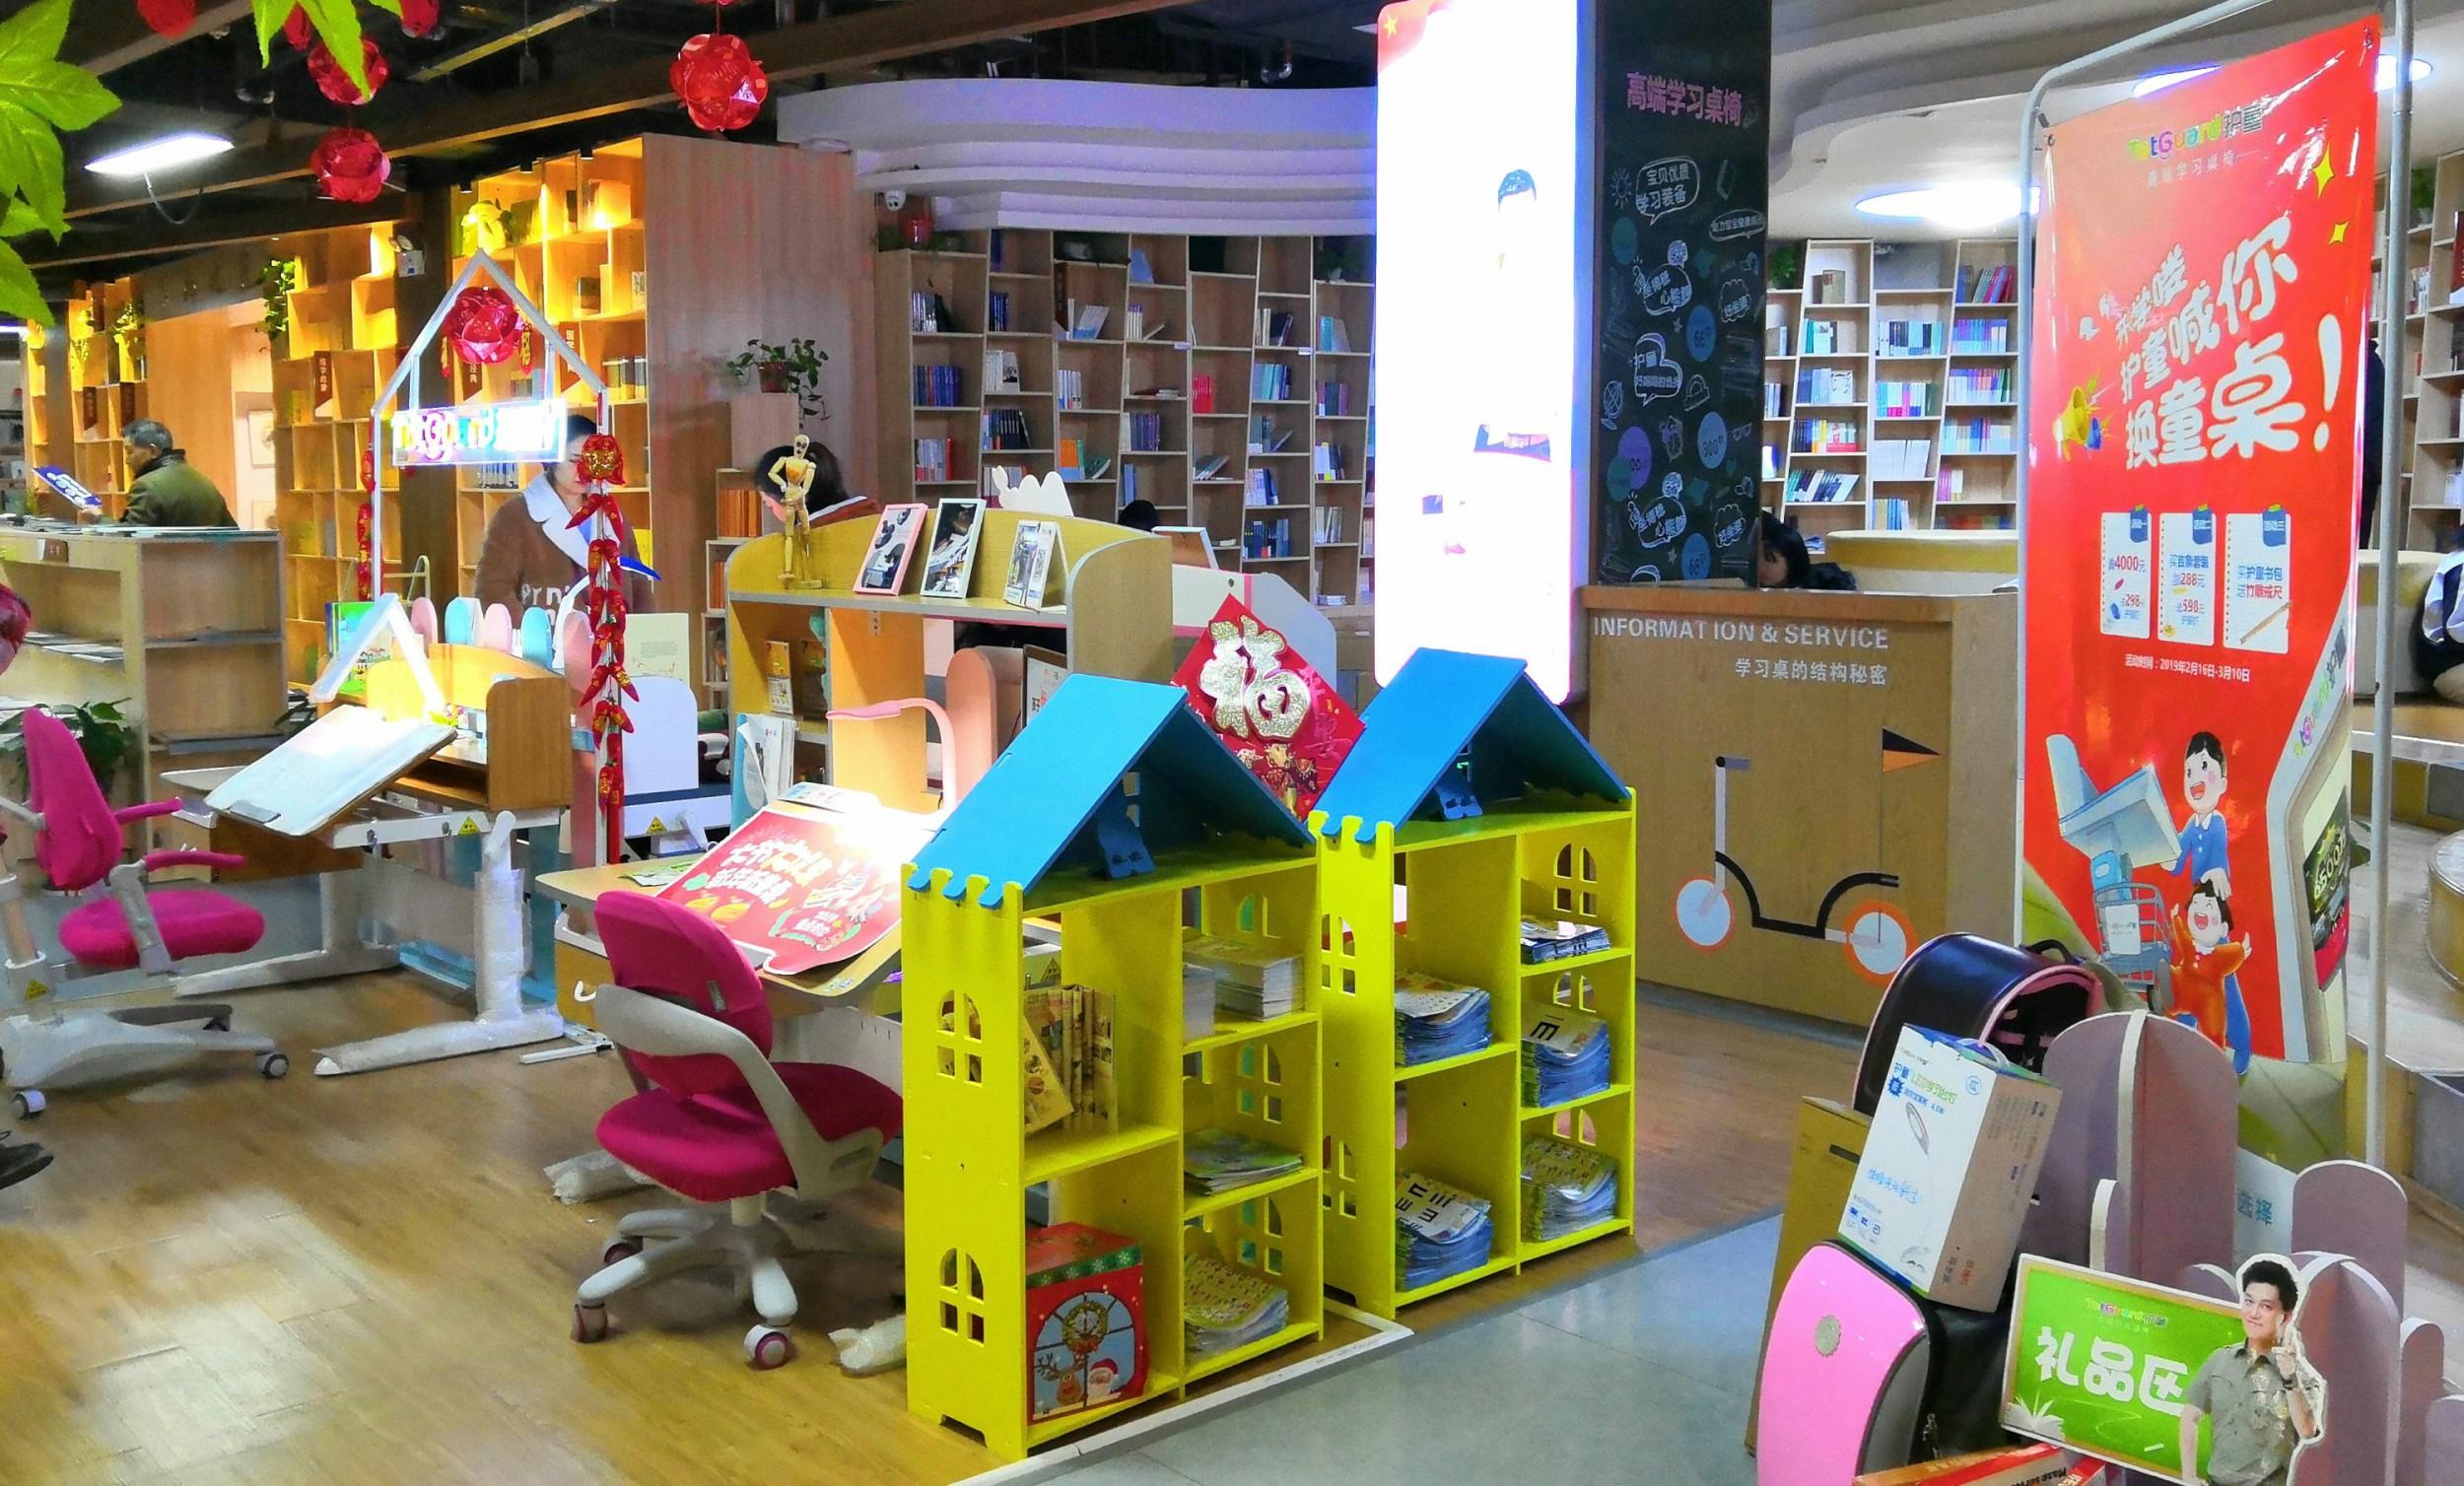 热烈祝贺护童第1603家娄底新华书店护童专柜盛大开业!